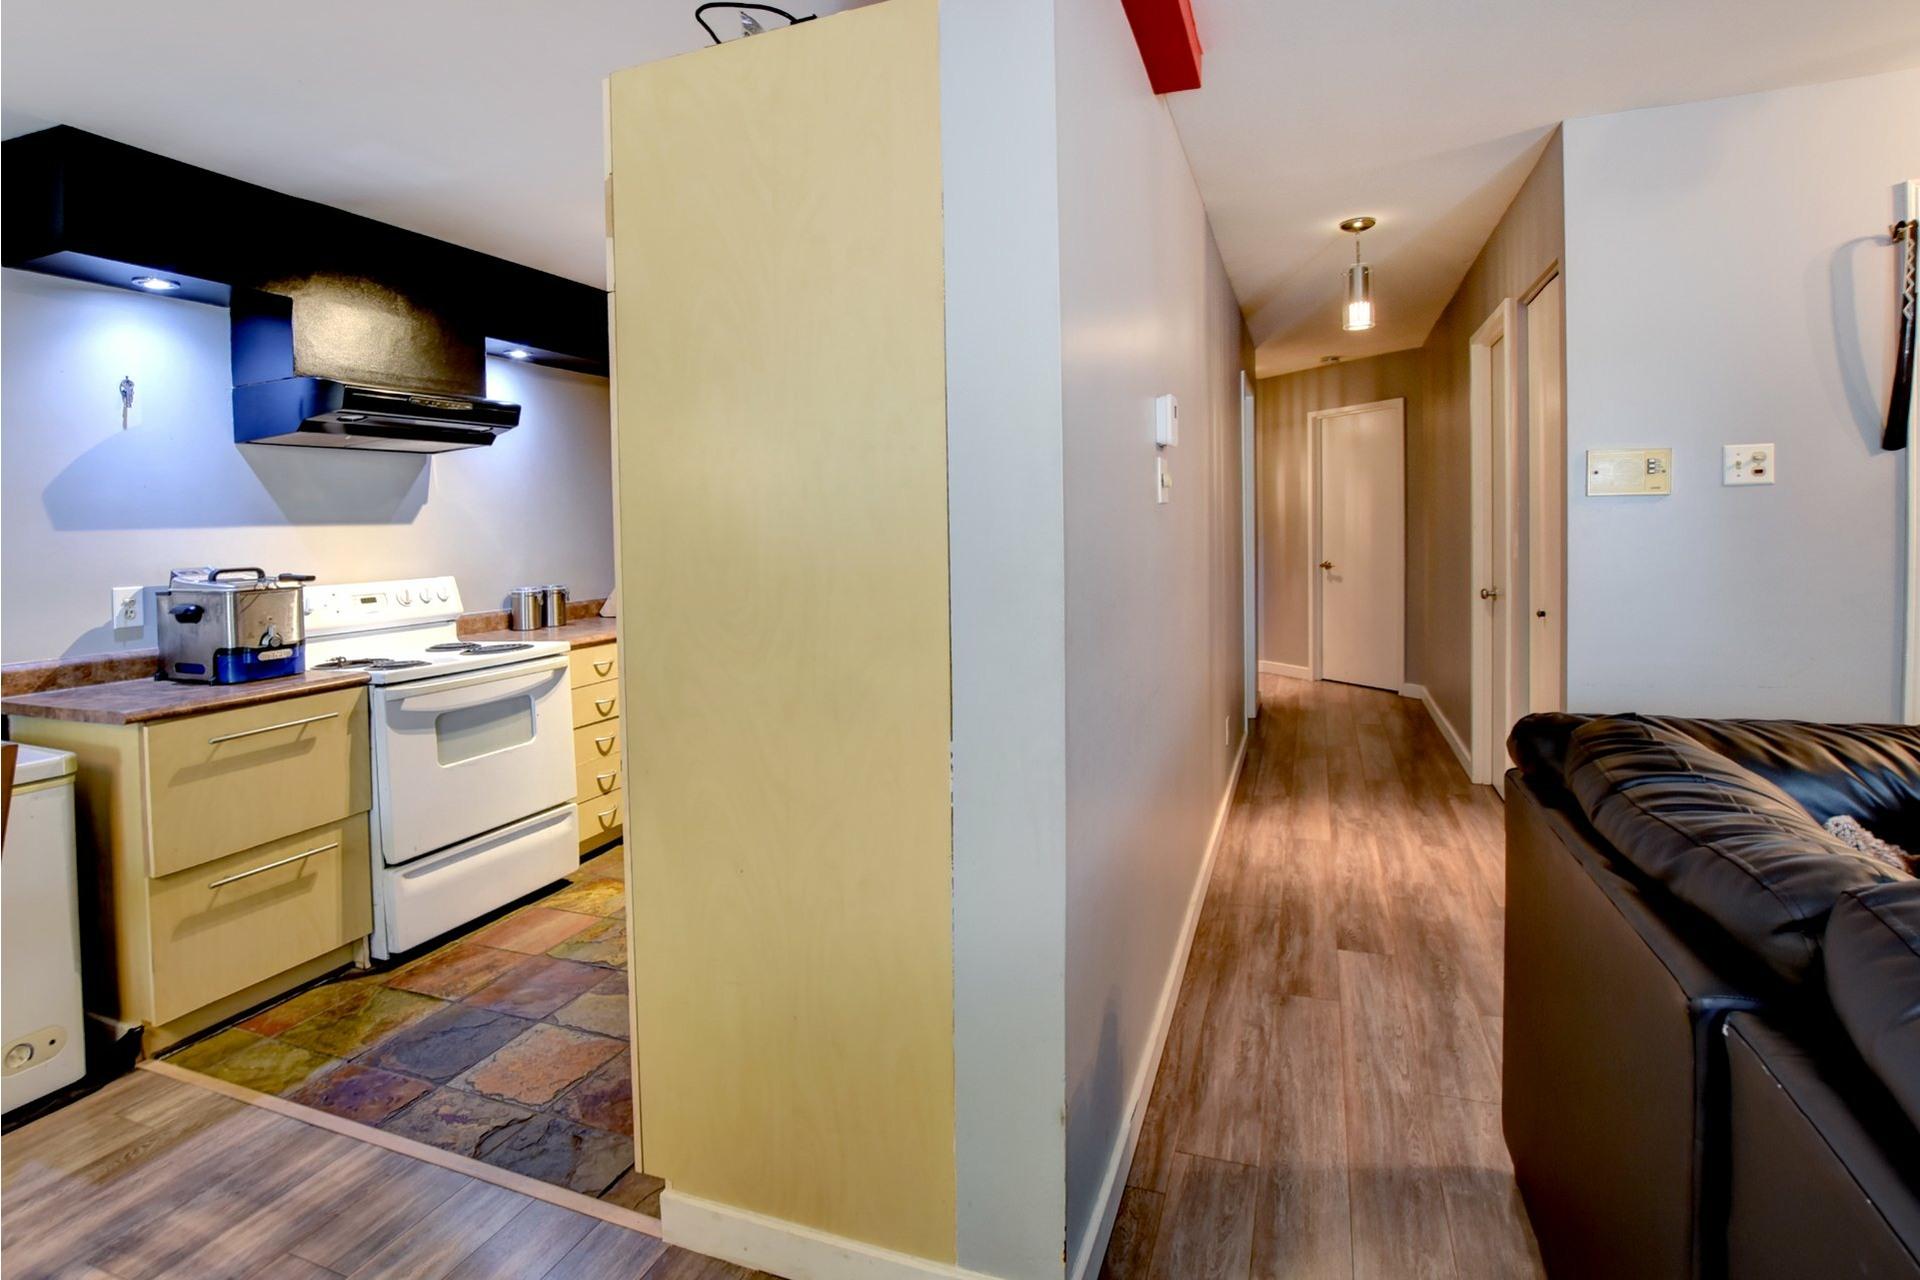 image 9 - Appartement À vendre Rivière-des-Prairies/Pointe-aux-Trembles Montréal  - 6 pièces